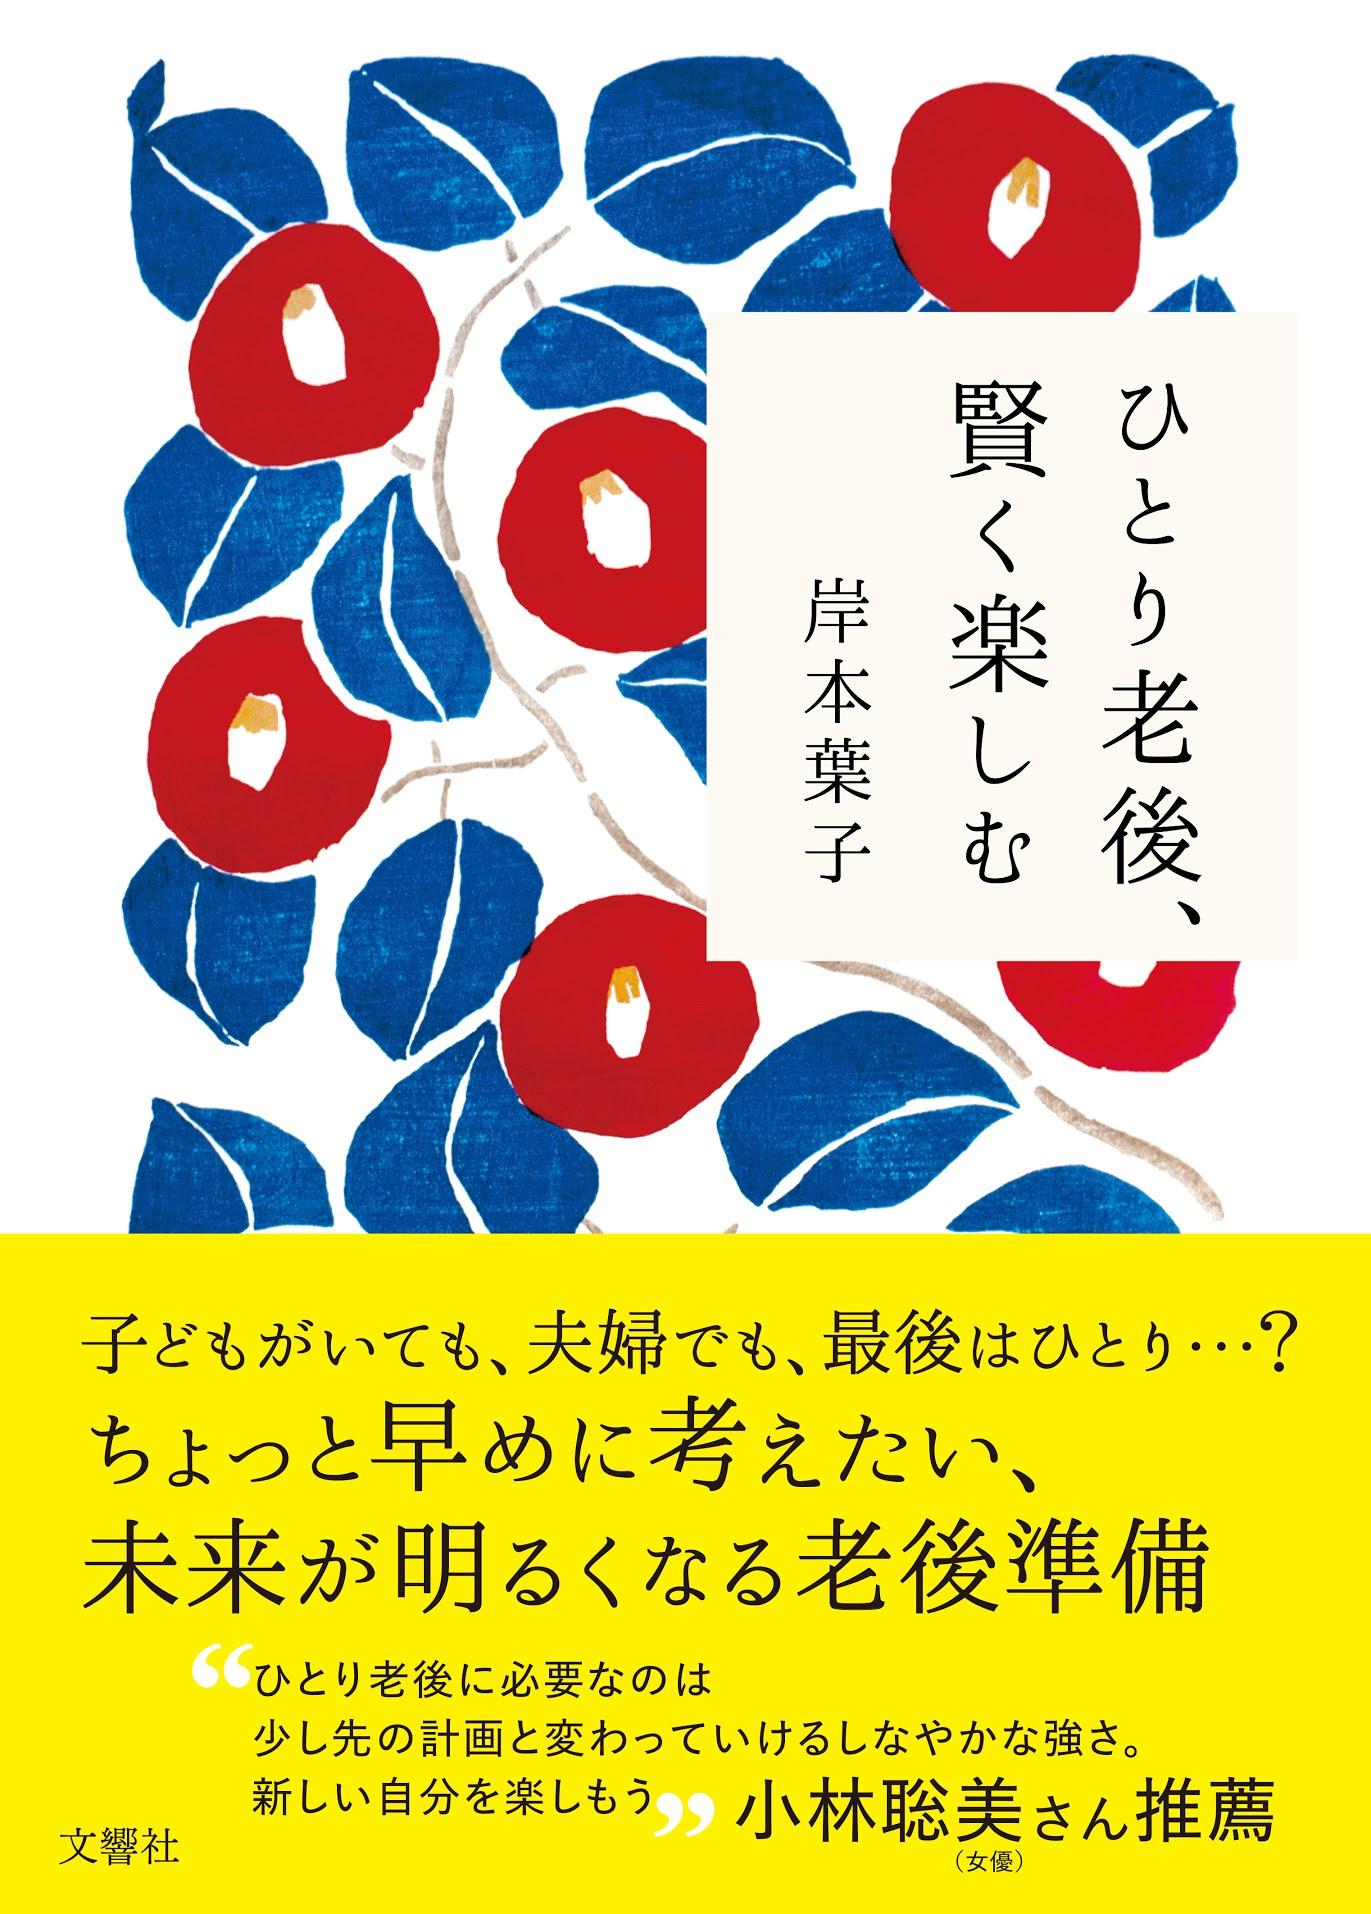 20年6/20配信 オーディオブック『ひとり老後、賢く楽しむ』 文響社×オトバンク